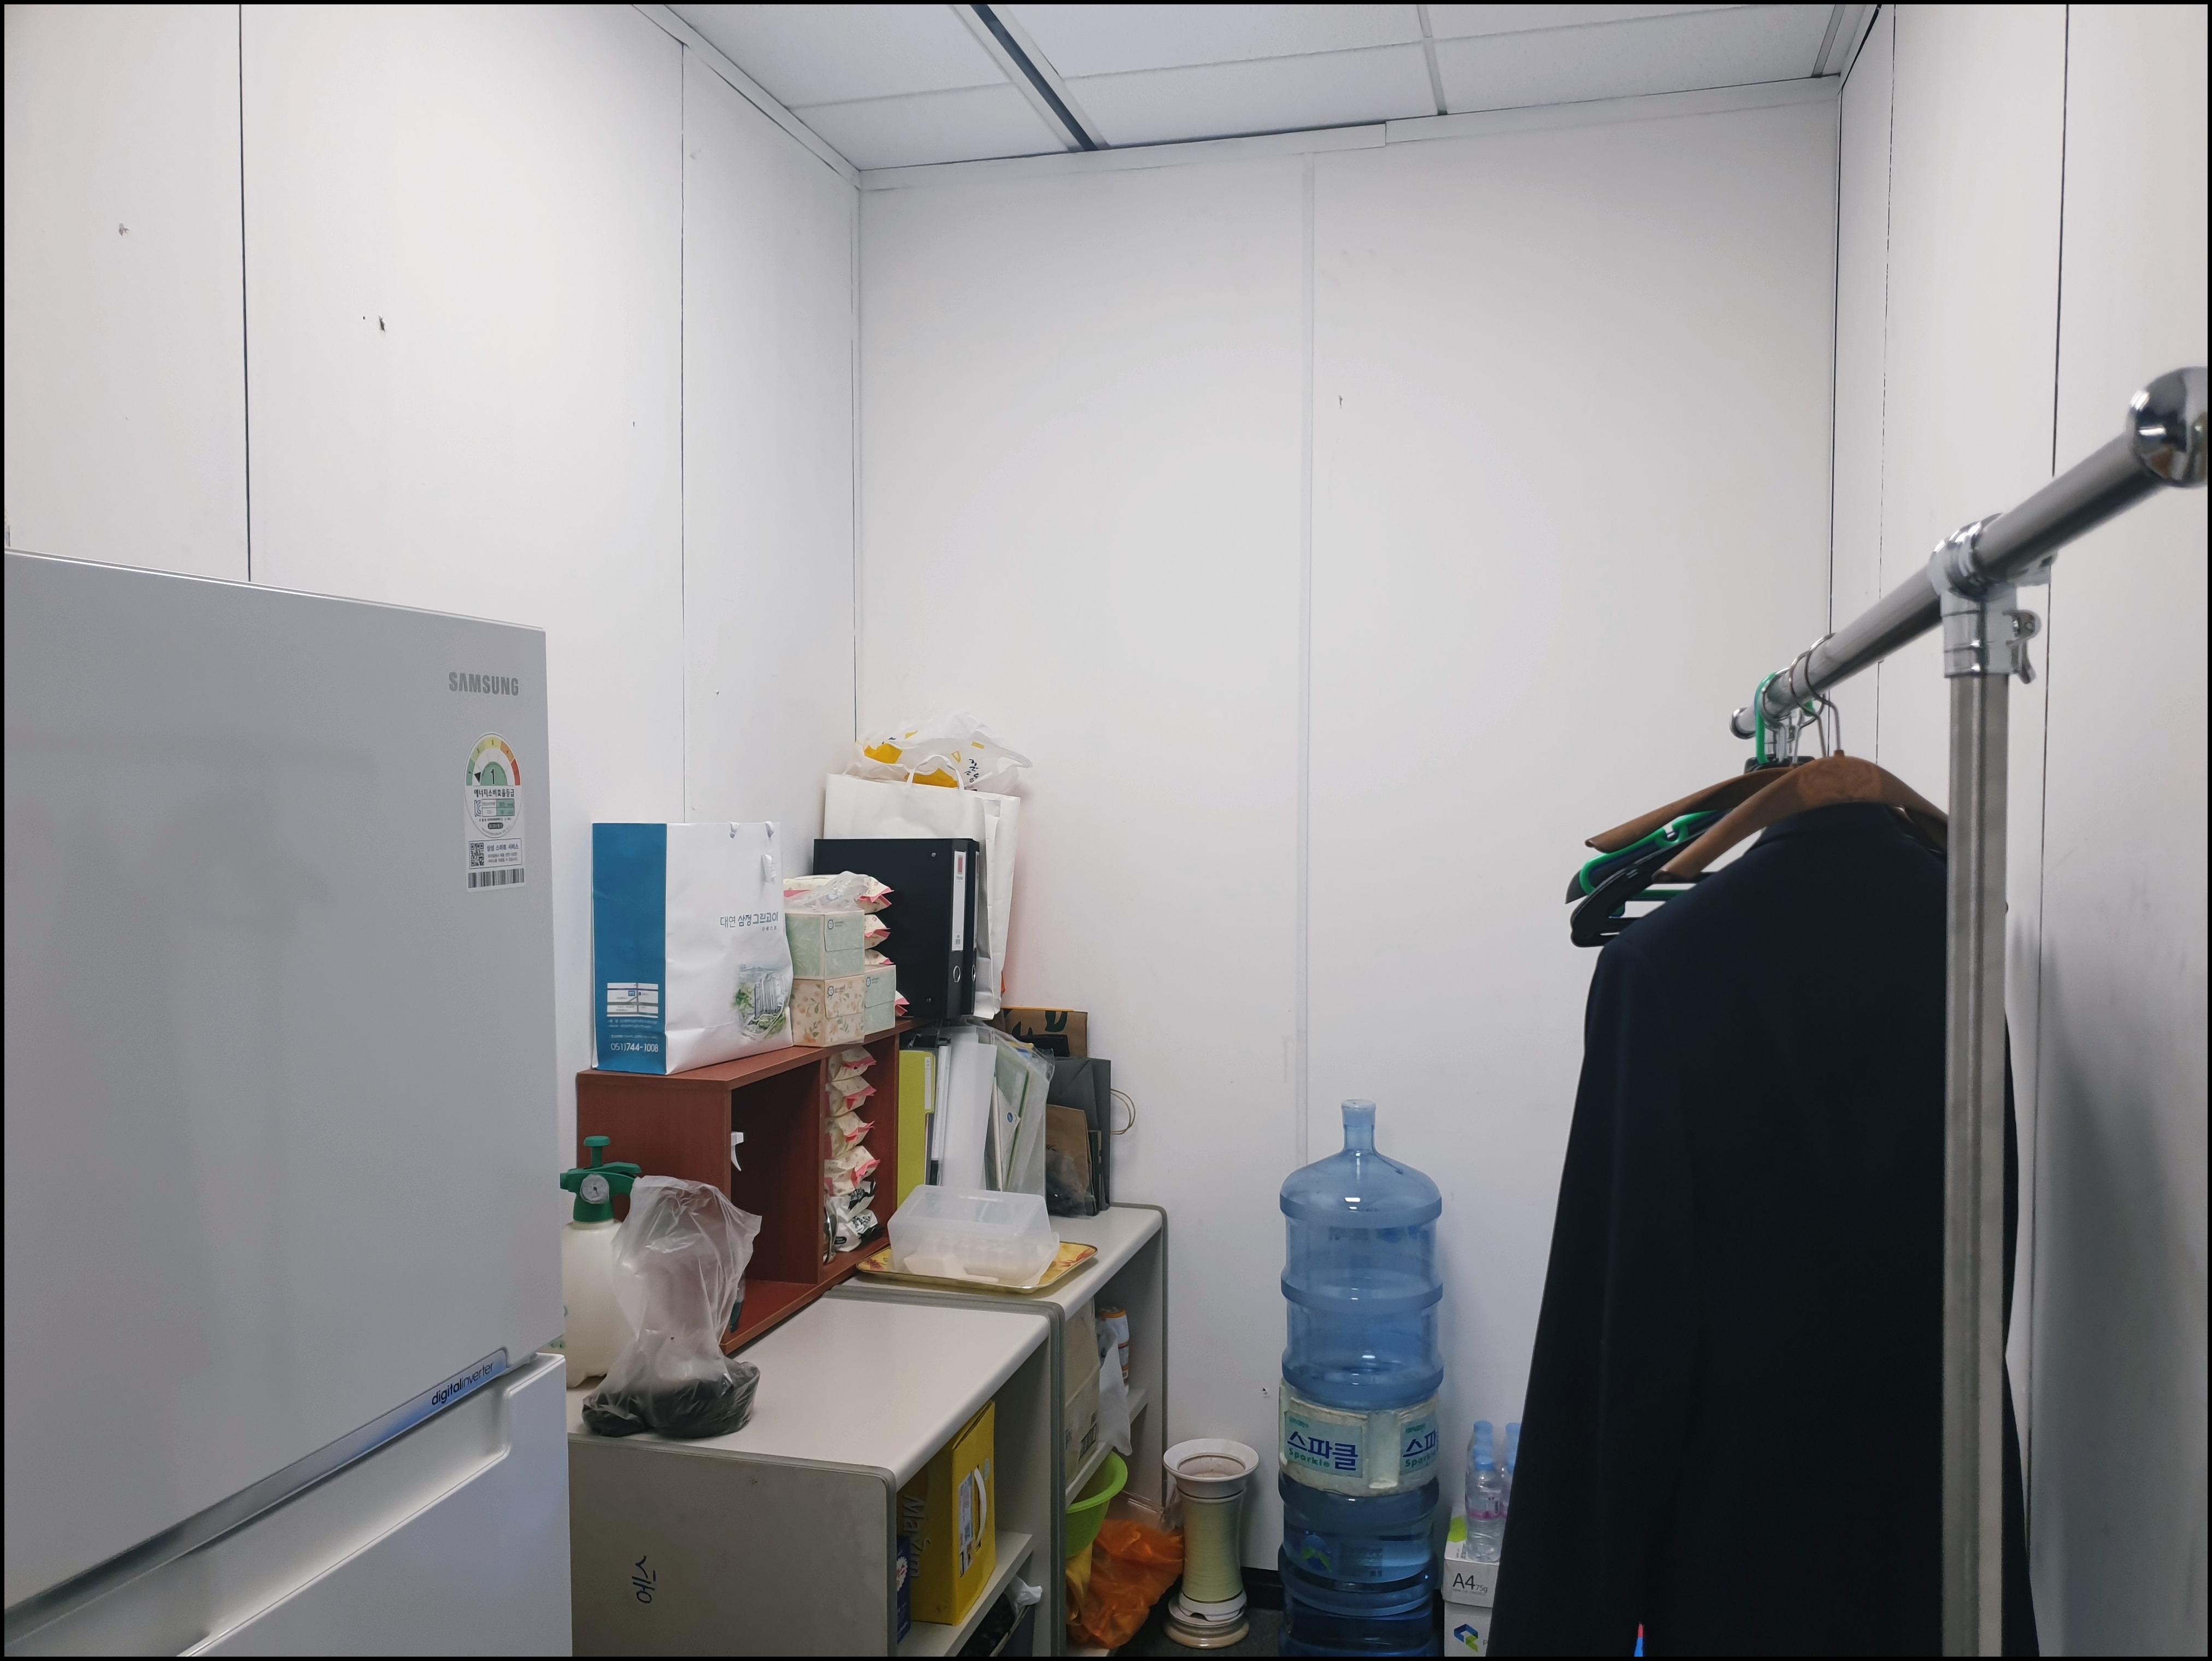 7 번째 사진 제2종 근린생활시설 에  연면적 ㎡ 일반 사무실 건물 석면조사 현장